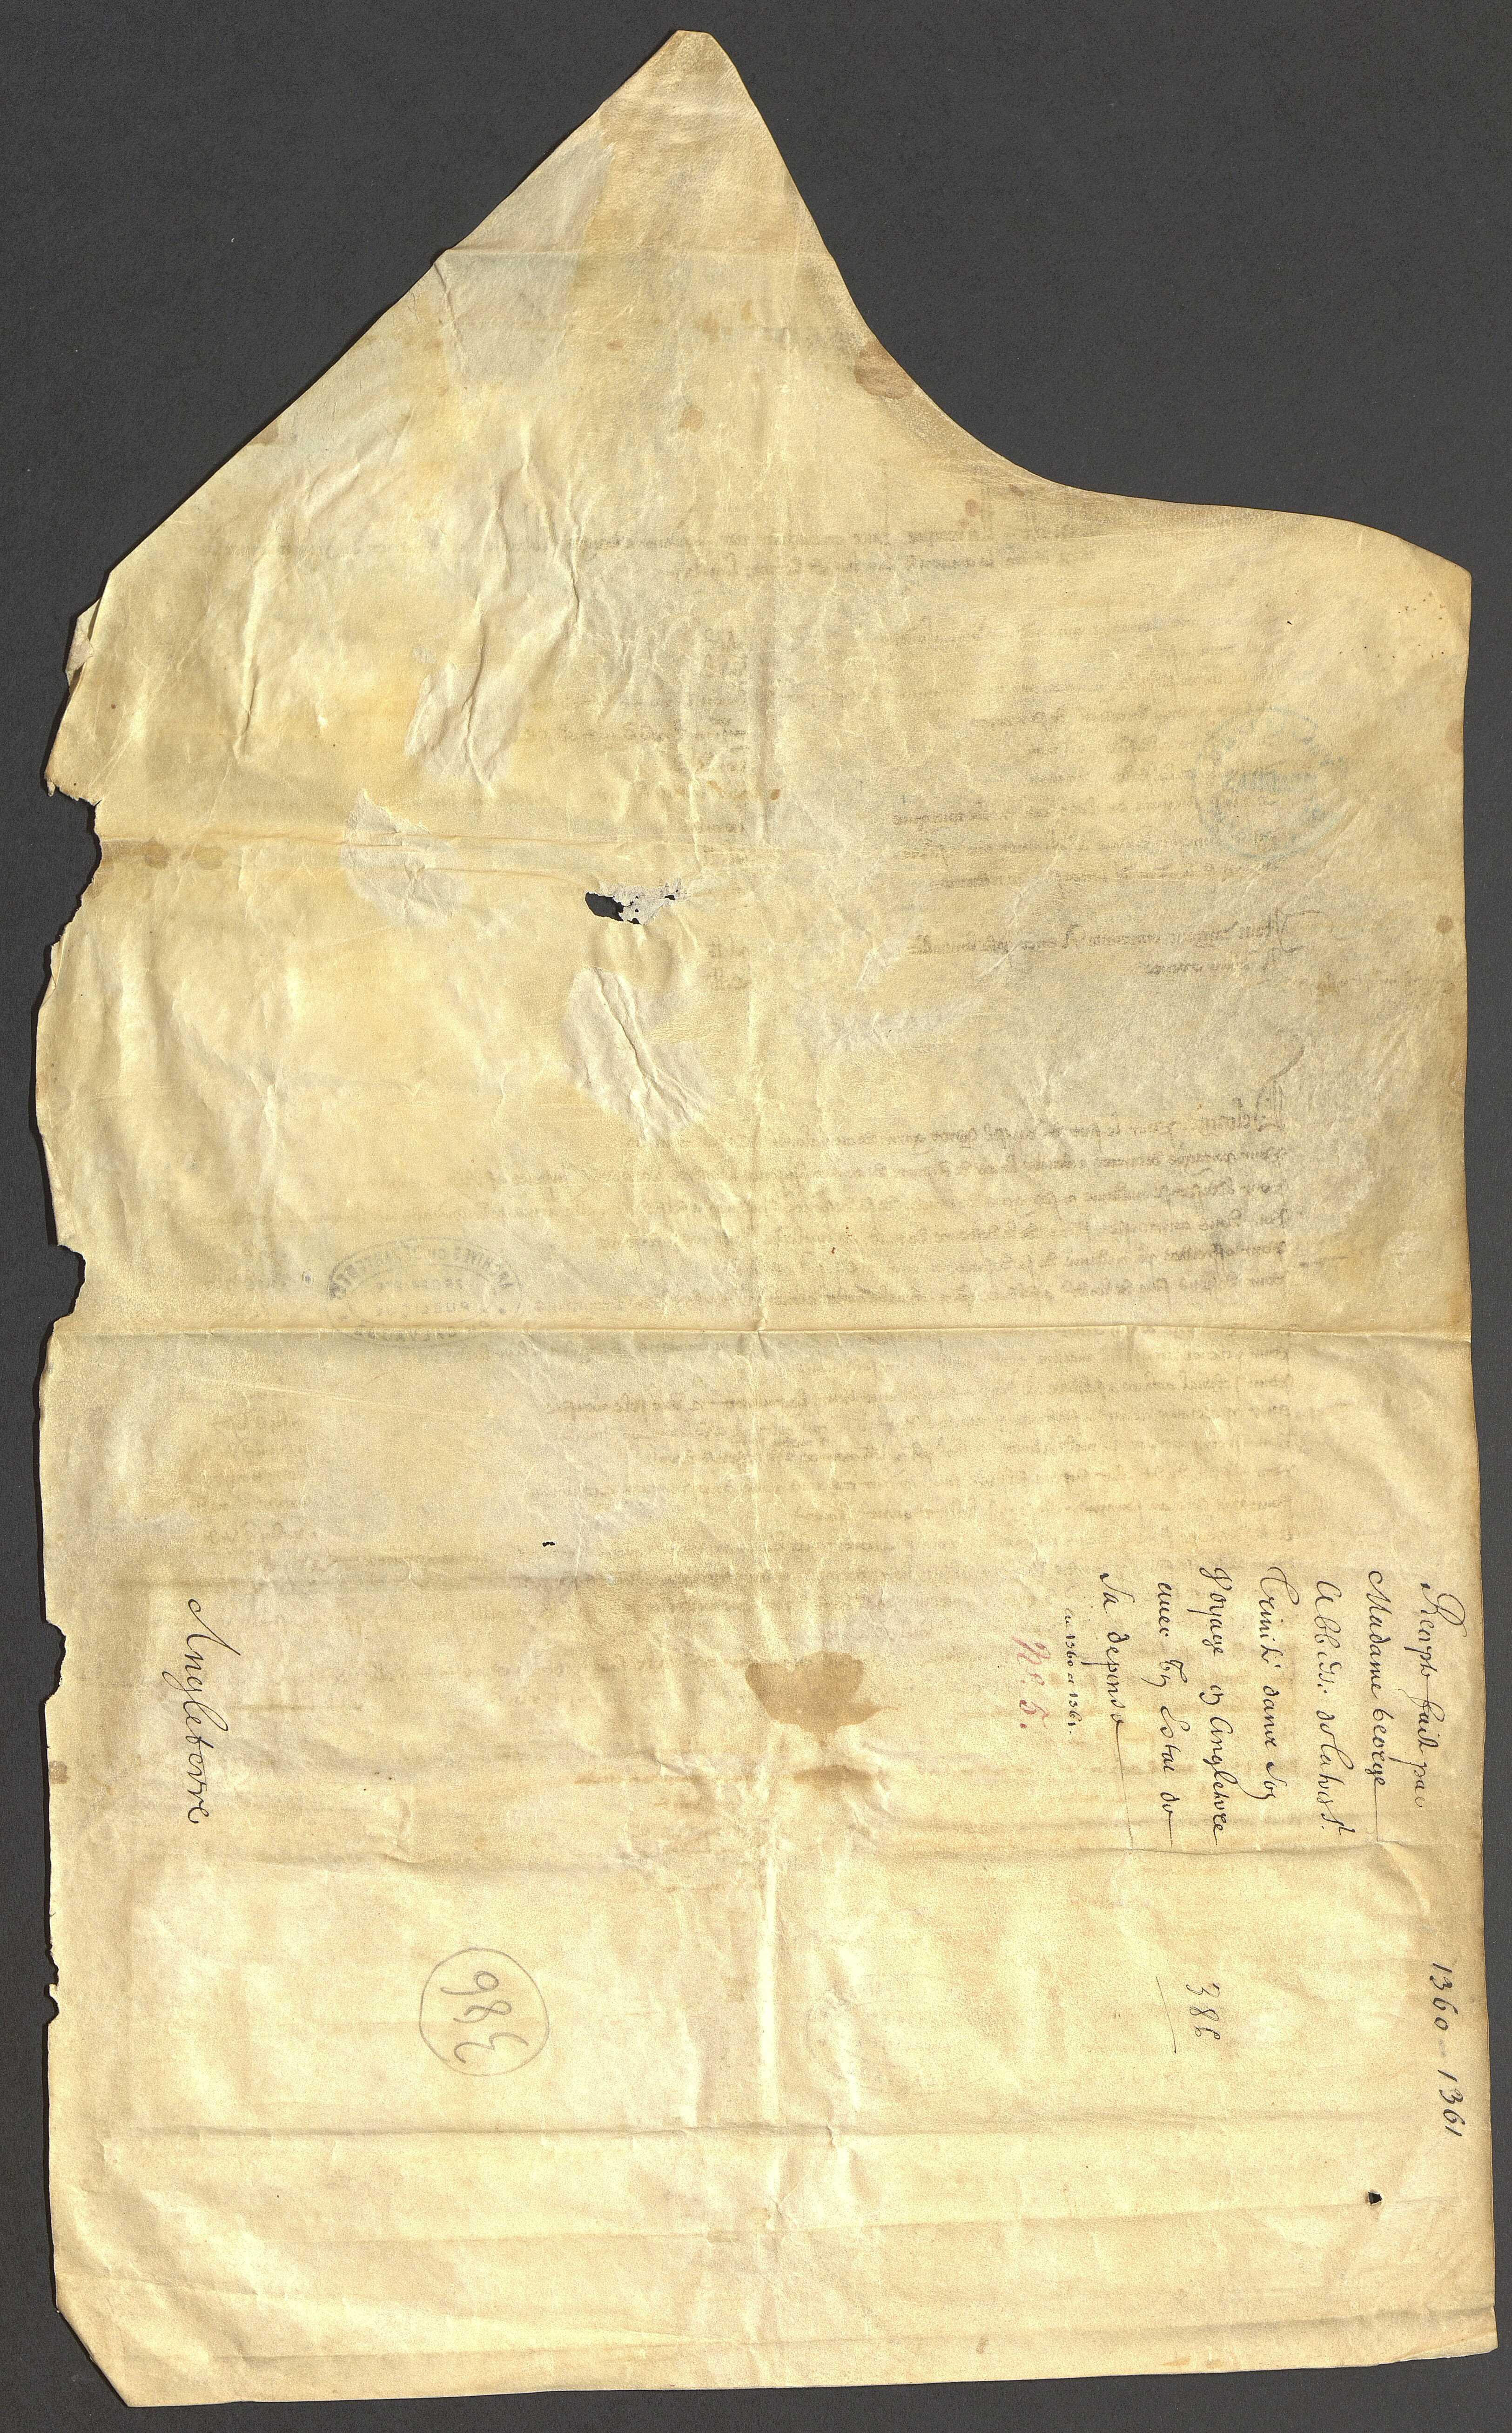 État des recettes et dépenses de l'abbesse pendant son voyage en Angleterre